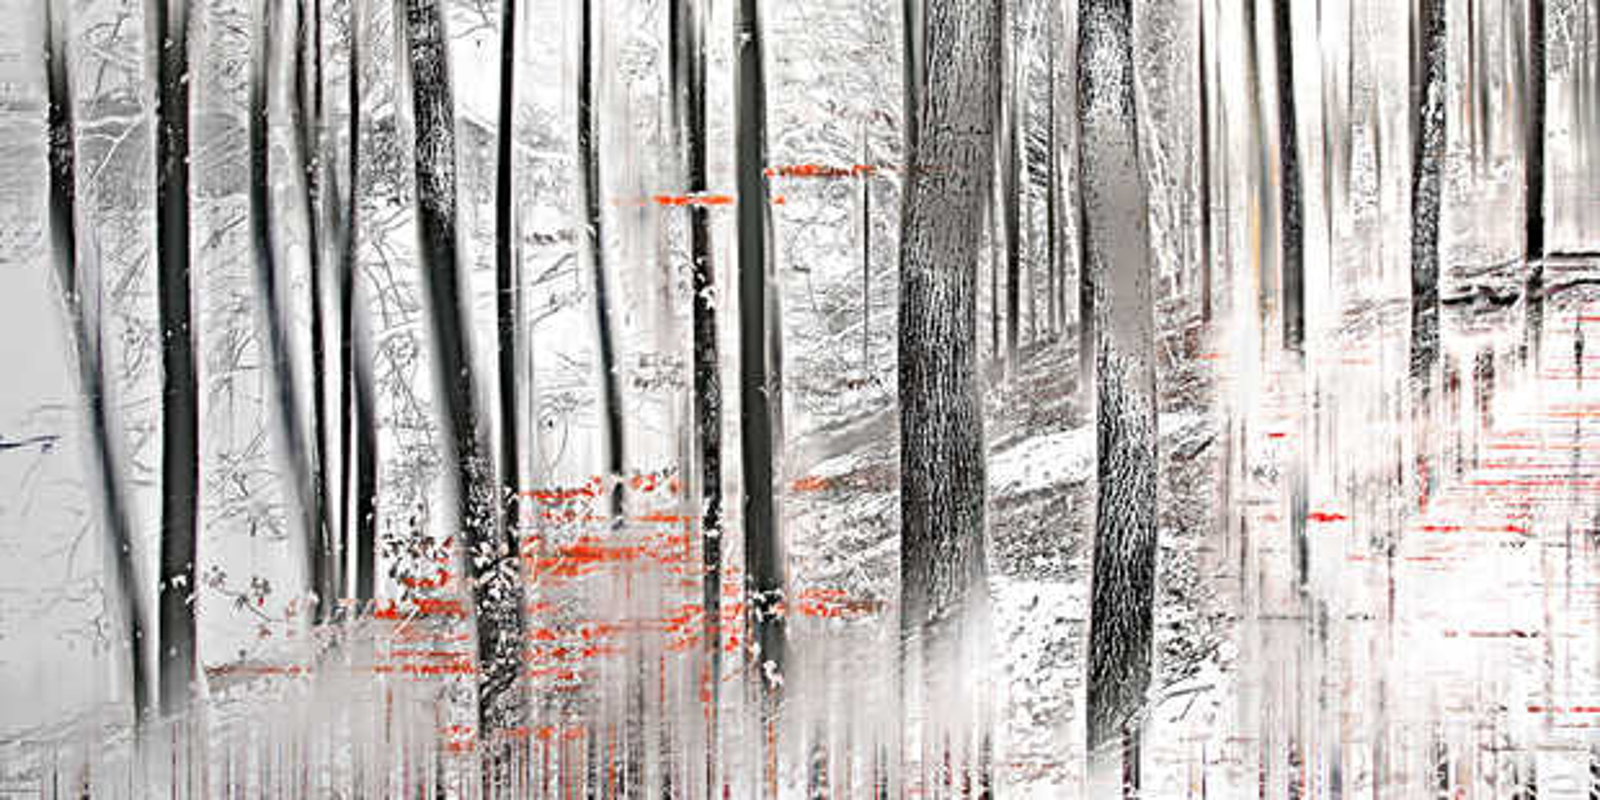 wood_0026 - Sabine Wild